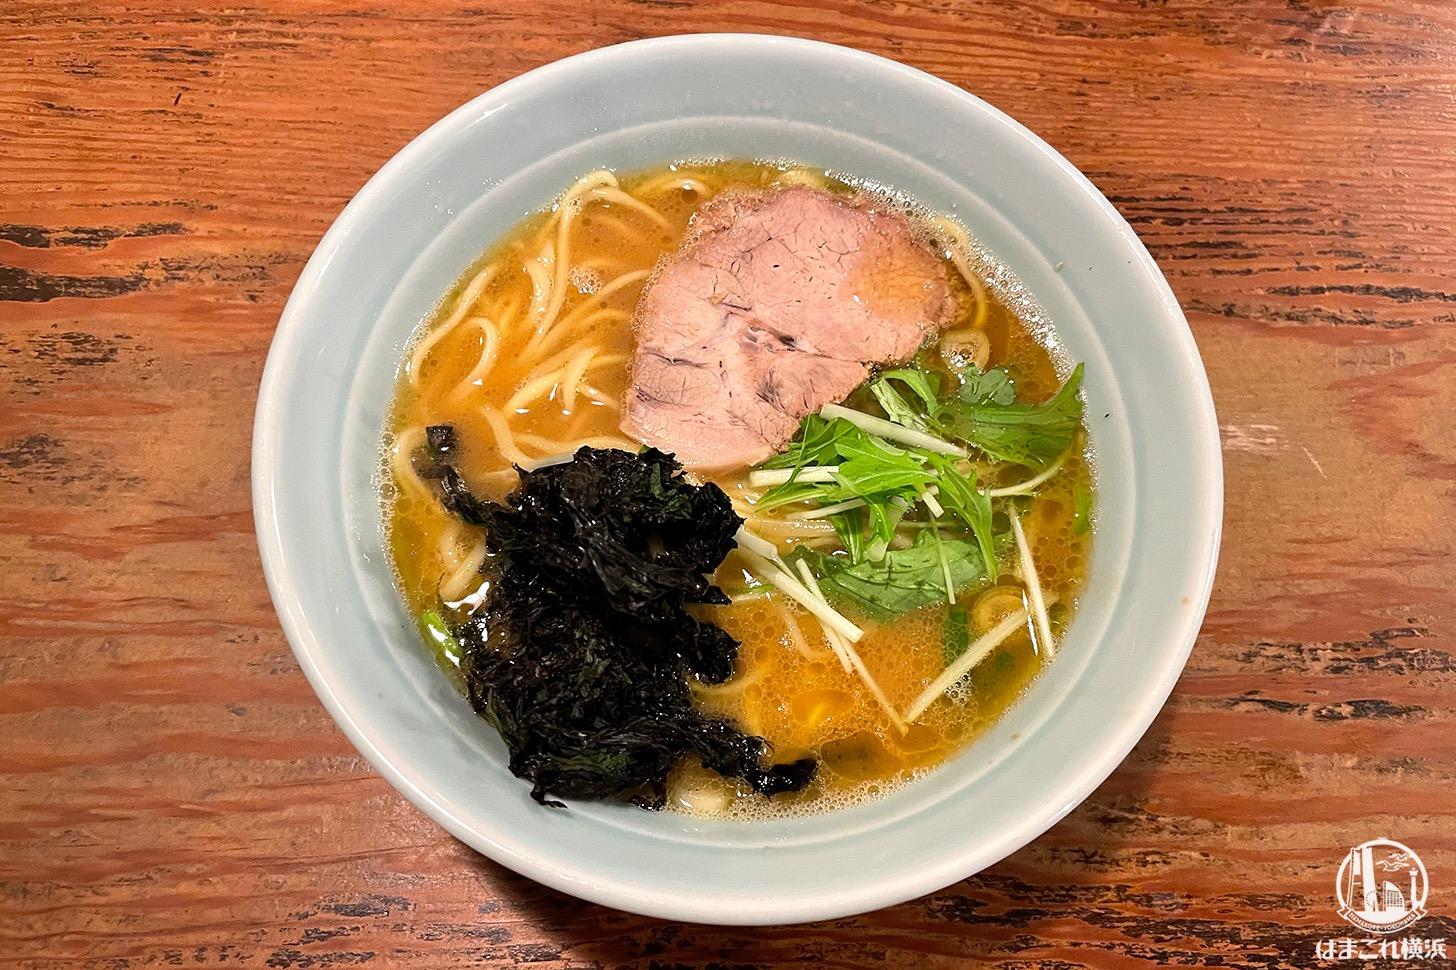 横浜・戸部「がら屋」の豚骨醤油ラーメン旨味濃厚なのに食べやすくて美味!家系ラーメン?